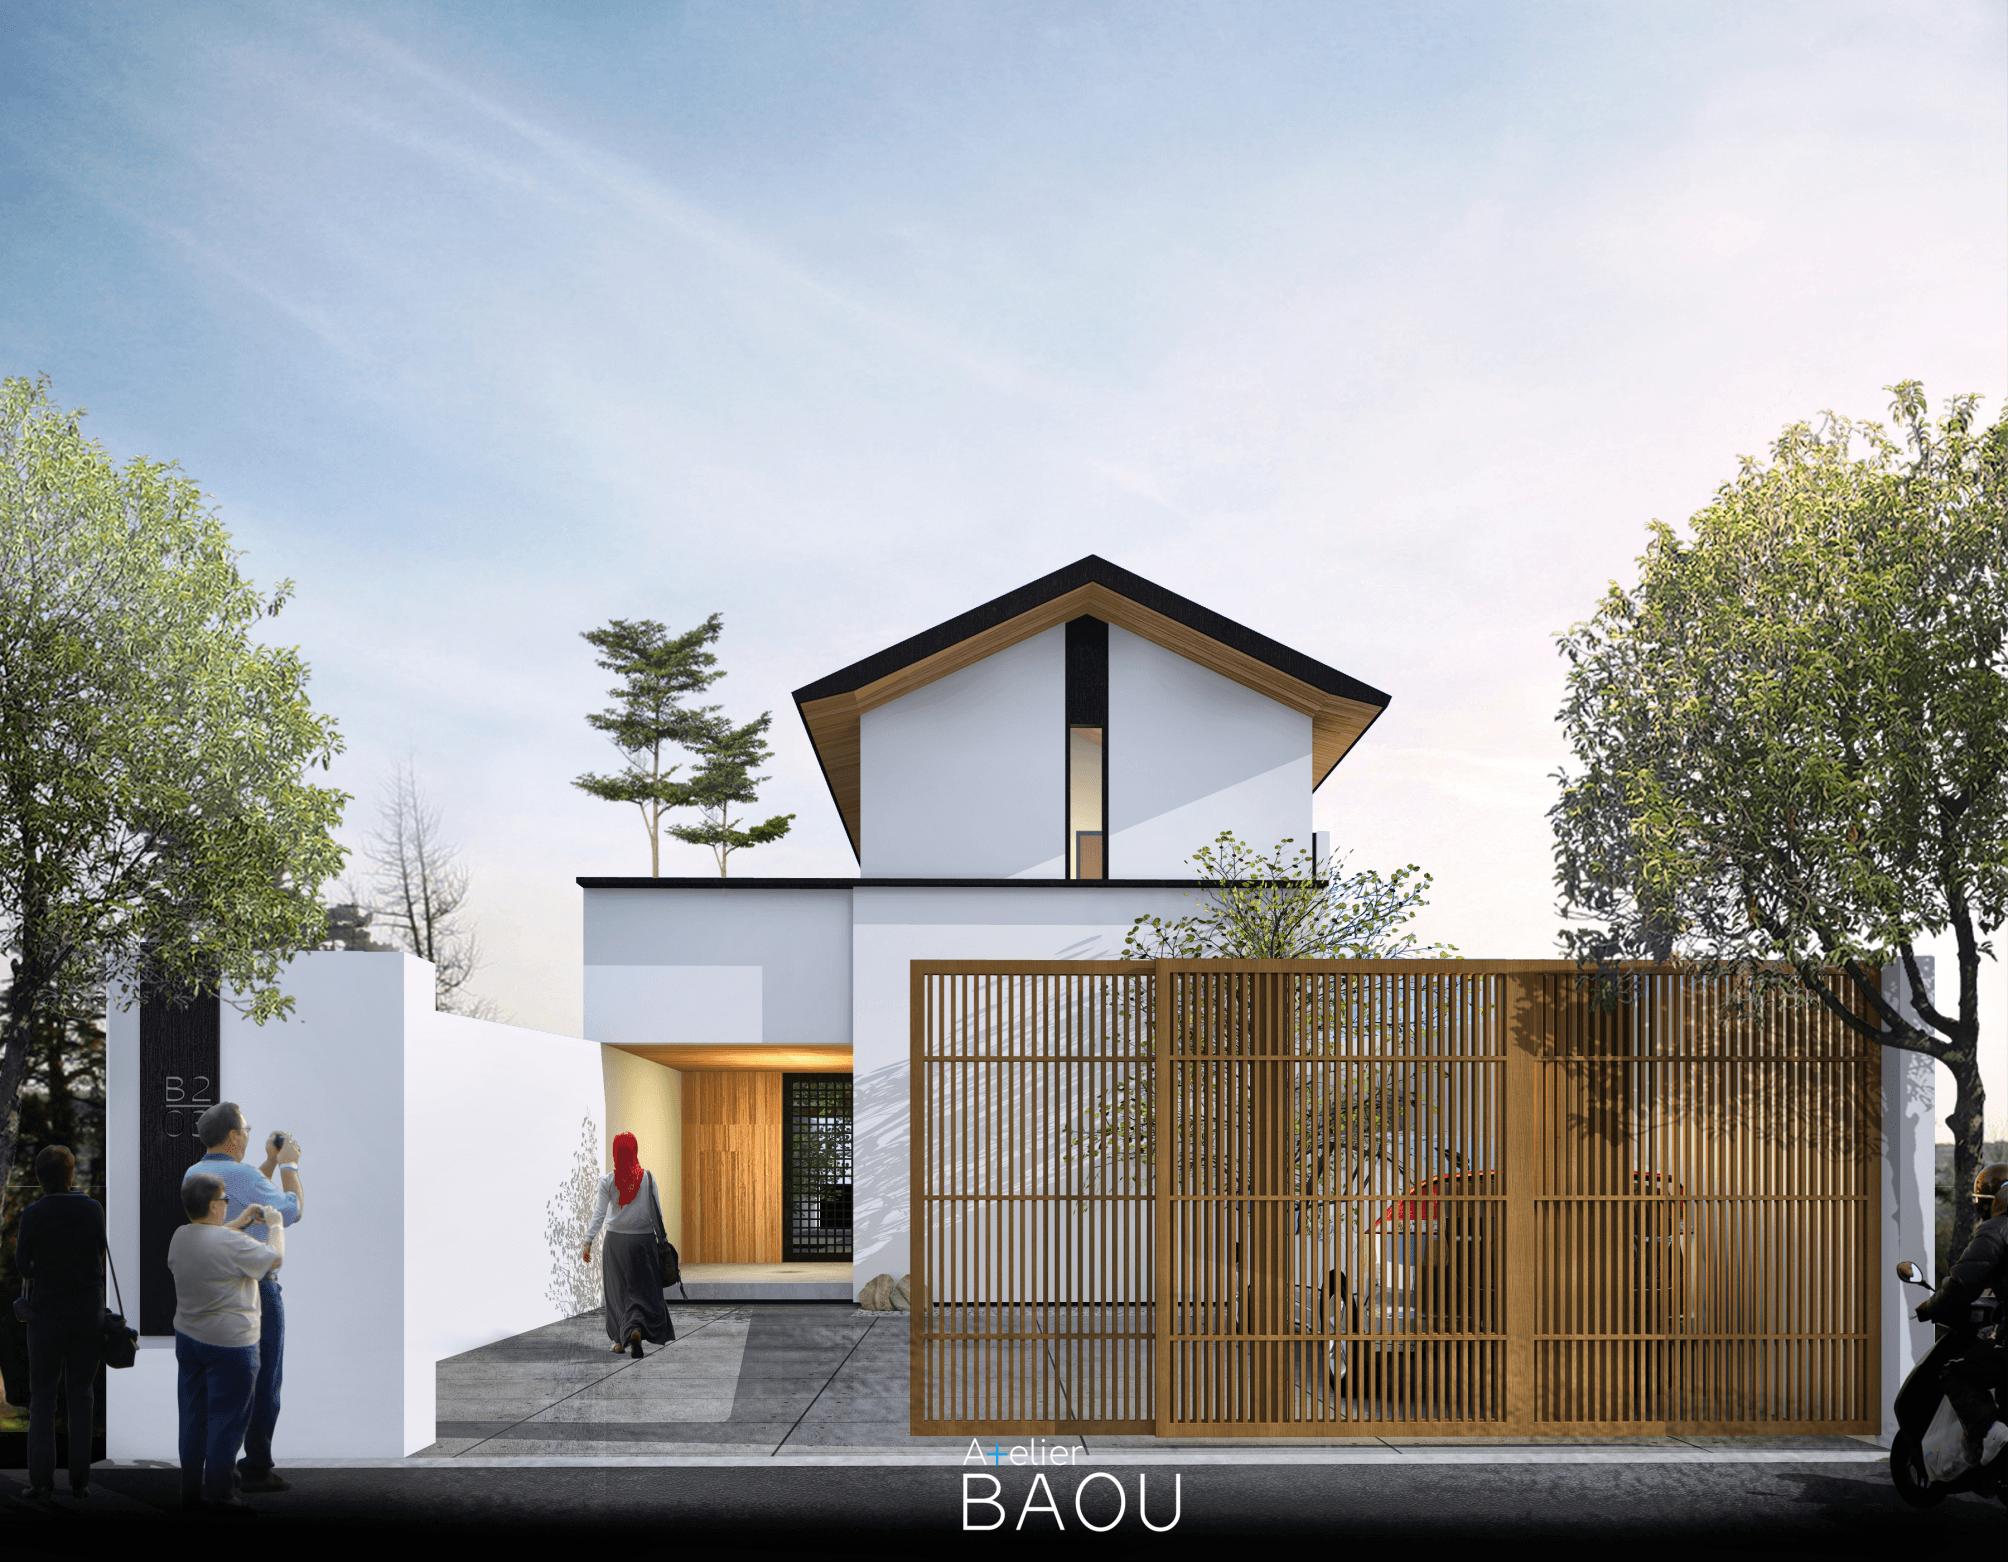 Atelier Baou Iq House Dago, Kecamatan Coblong, Kota Bandung, Jawa Barat, Indonesia Dago, Kecamatan Coblong, Kota Bandung, Jawa Barat, Indonesia Atelier-Baou-Iq-House  86475